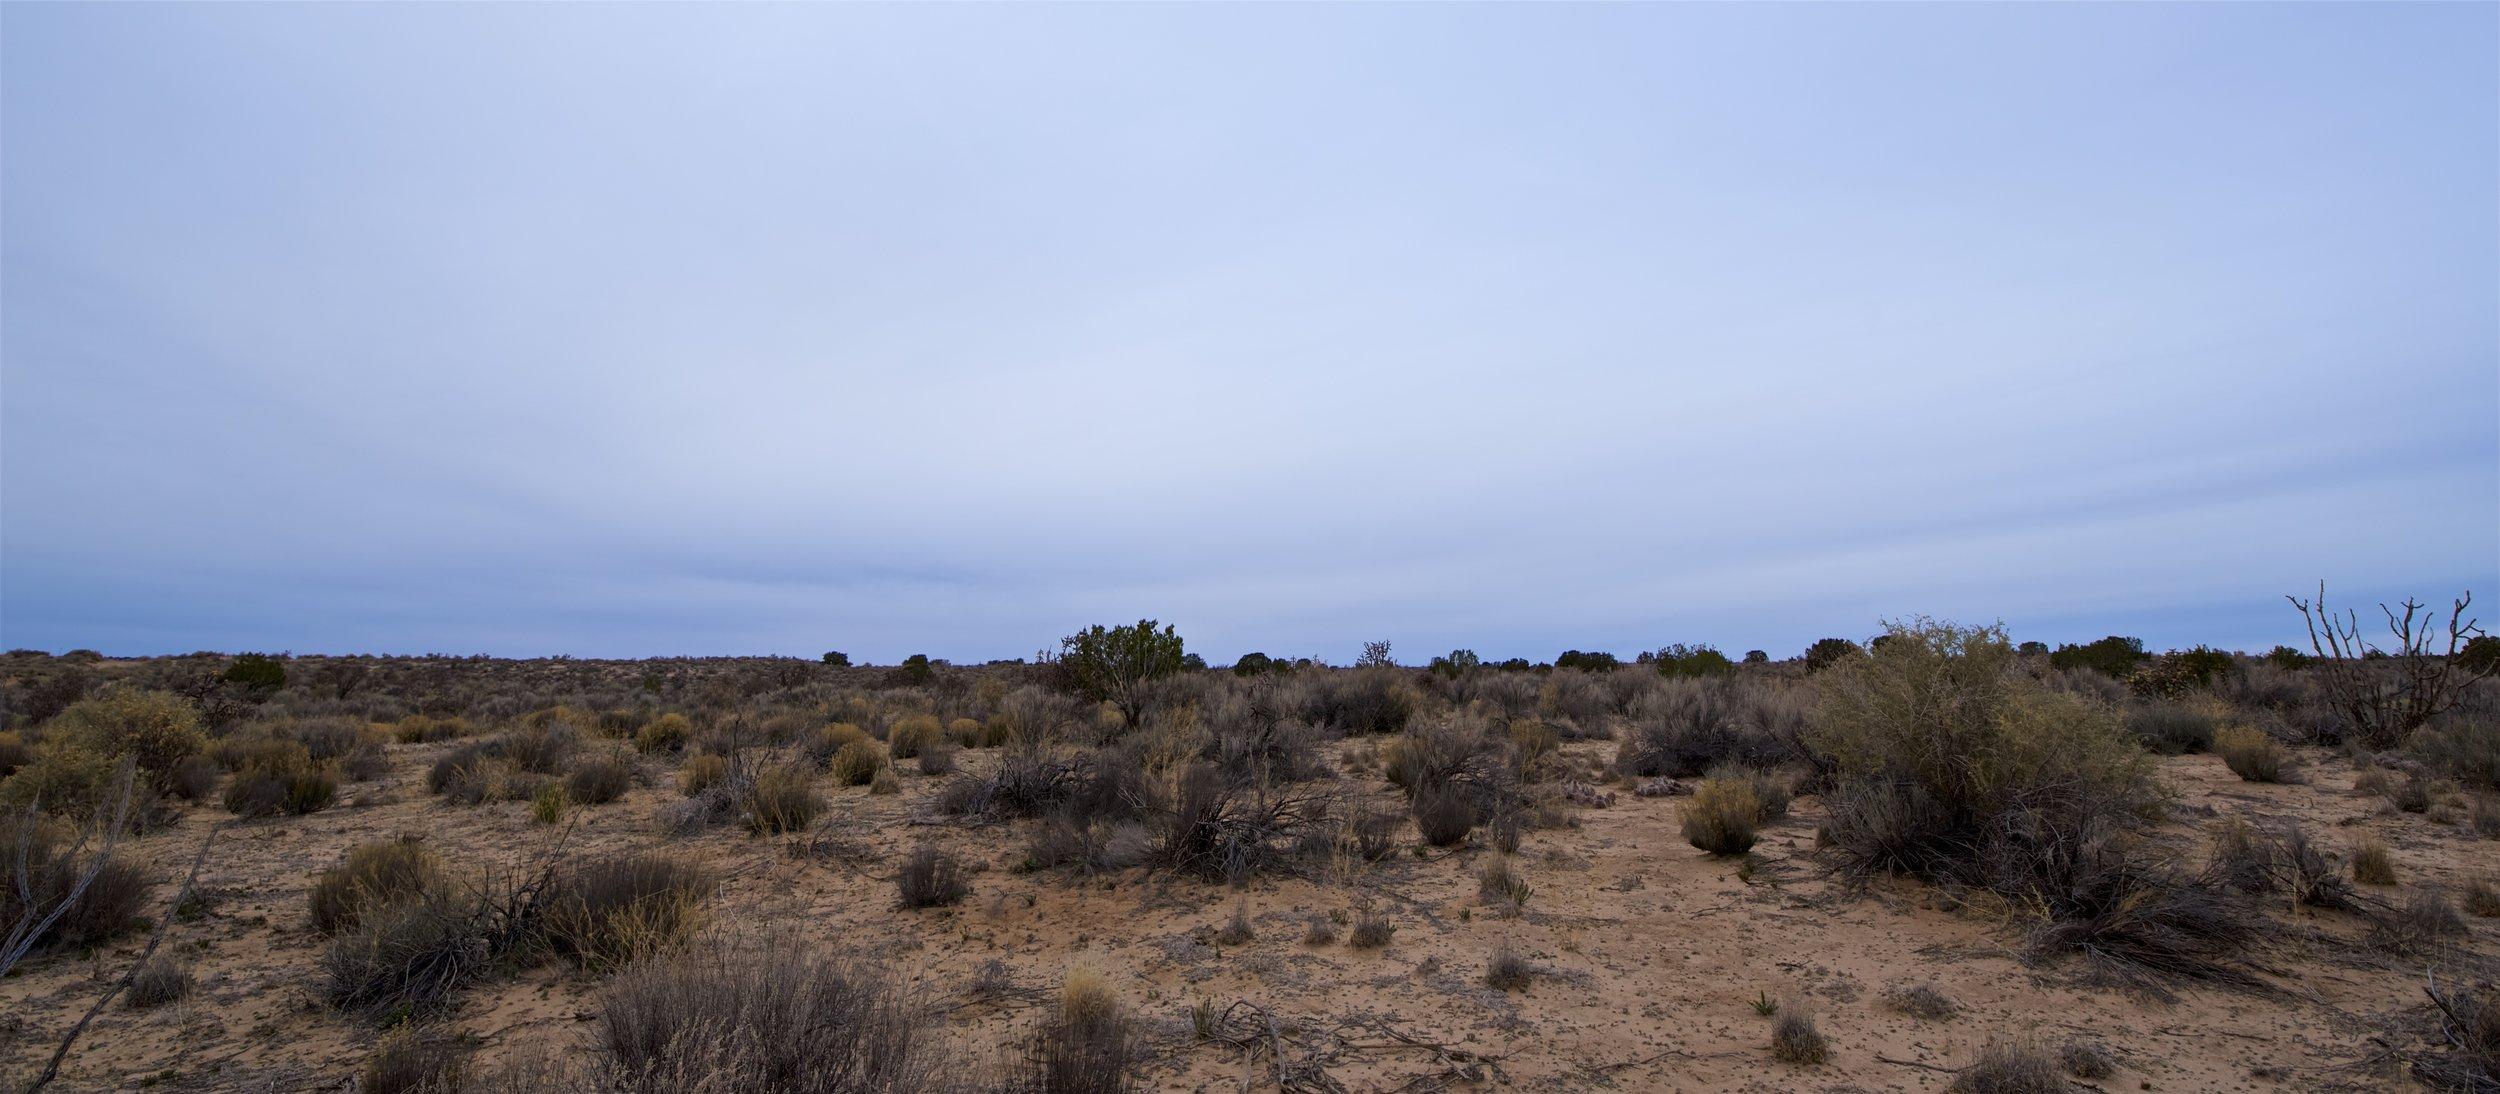 SNNM-2341-rio-rancho-85778.jpg